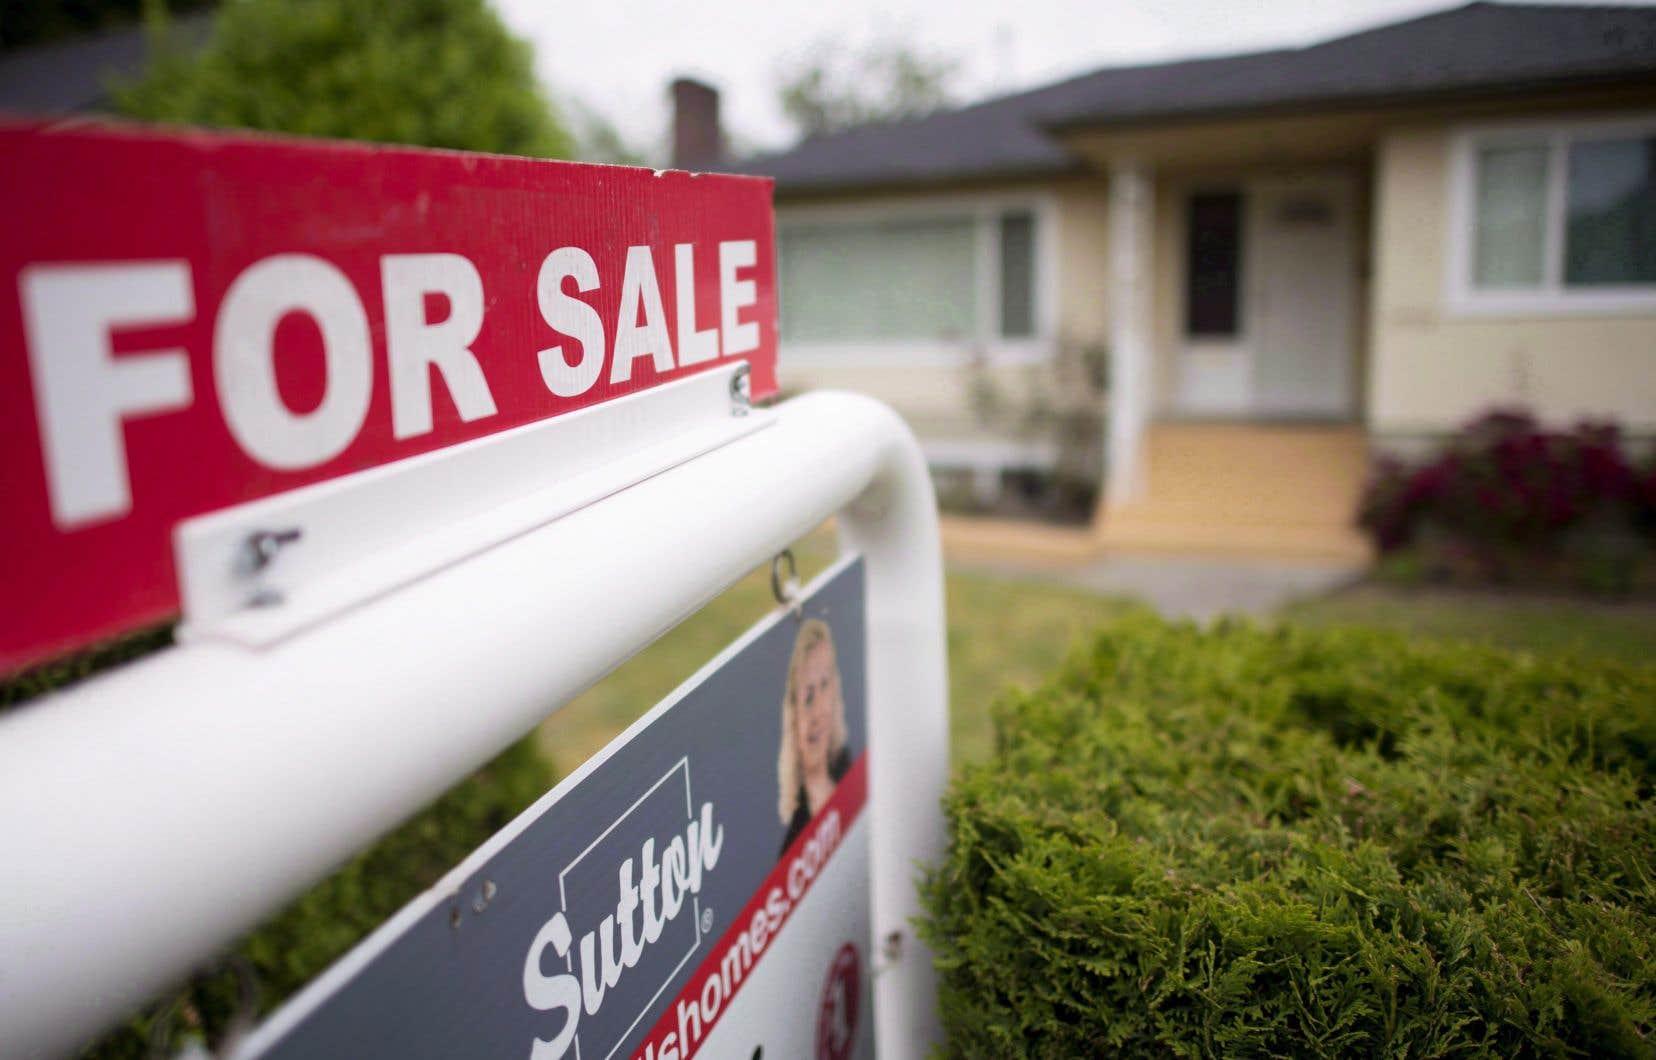 Alors que les marchés de Toronto et Vancouver ressentent depuis longtemps une certaine surchauffe, les régions suburbaines et rurales ont vu les propriétés devenir plus chères, car de nombreux Canadiens ont été autorisés à travailler à la maison.